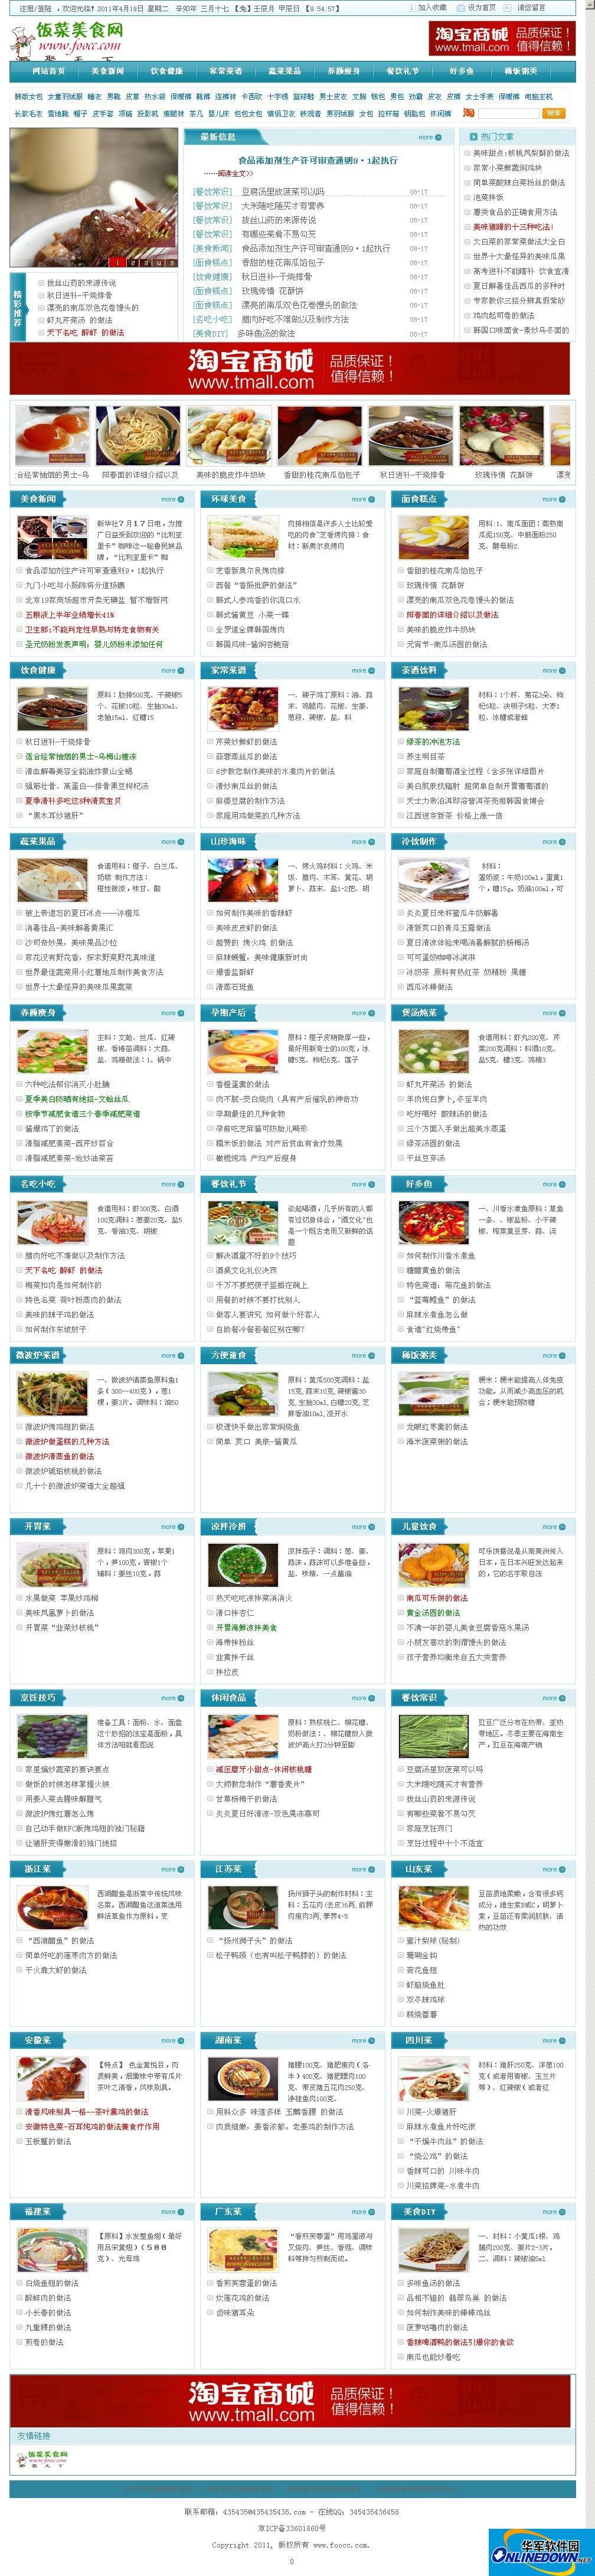 饭菜美食网整站源码 PC版